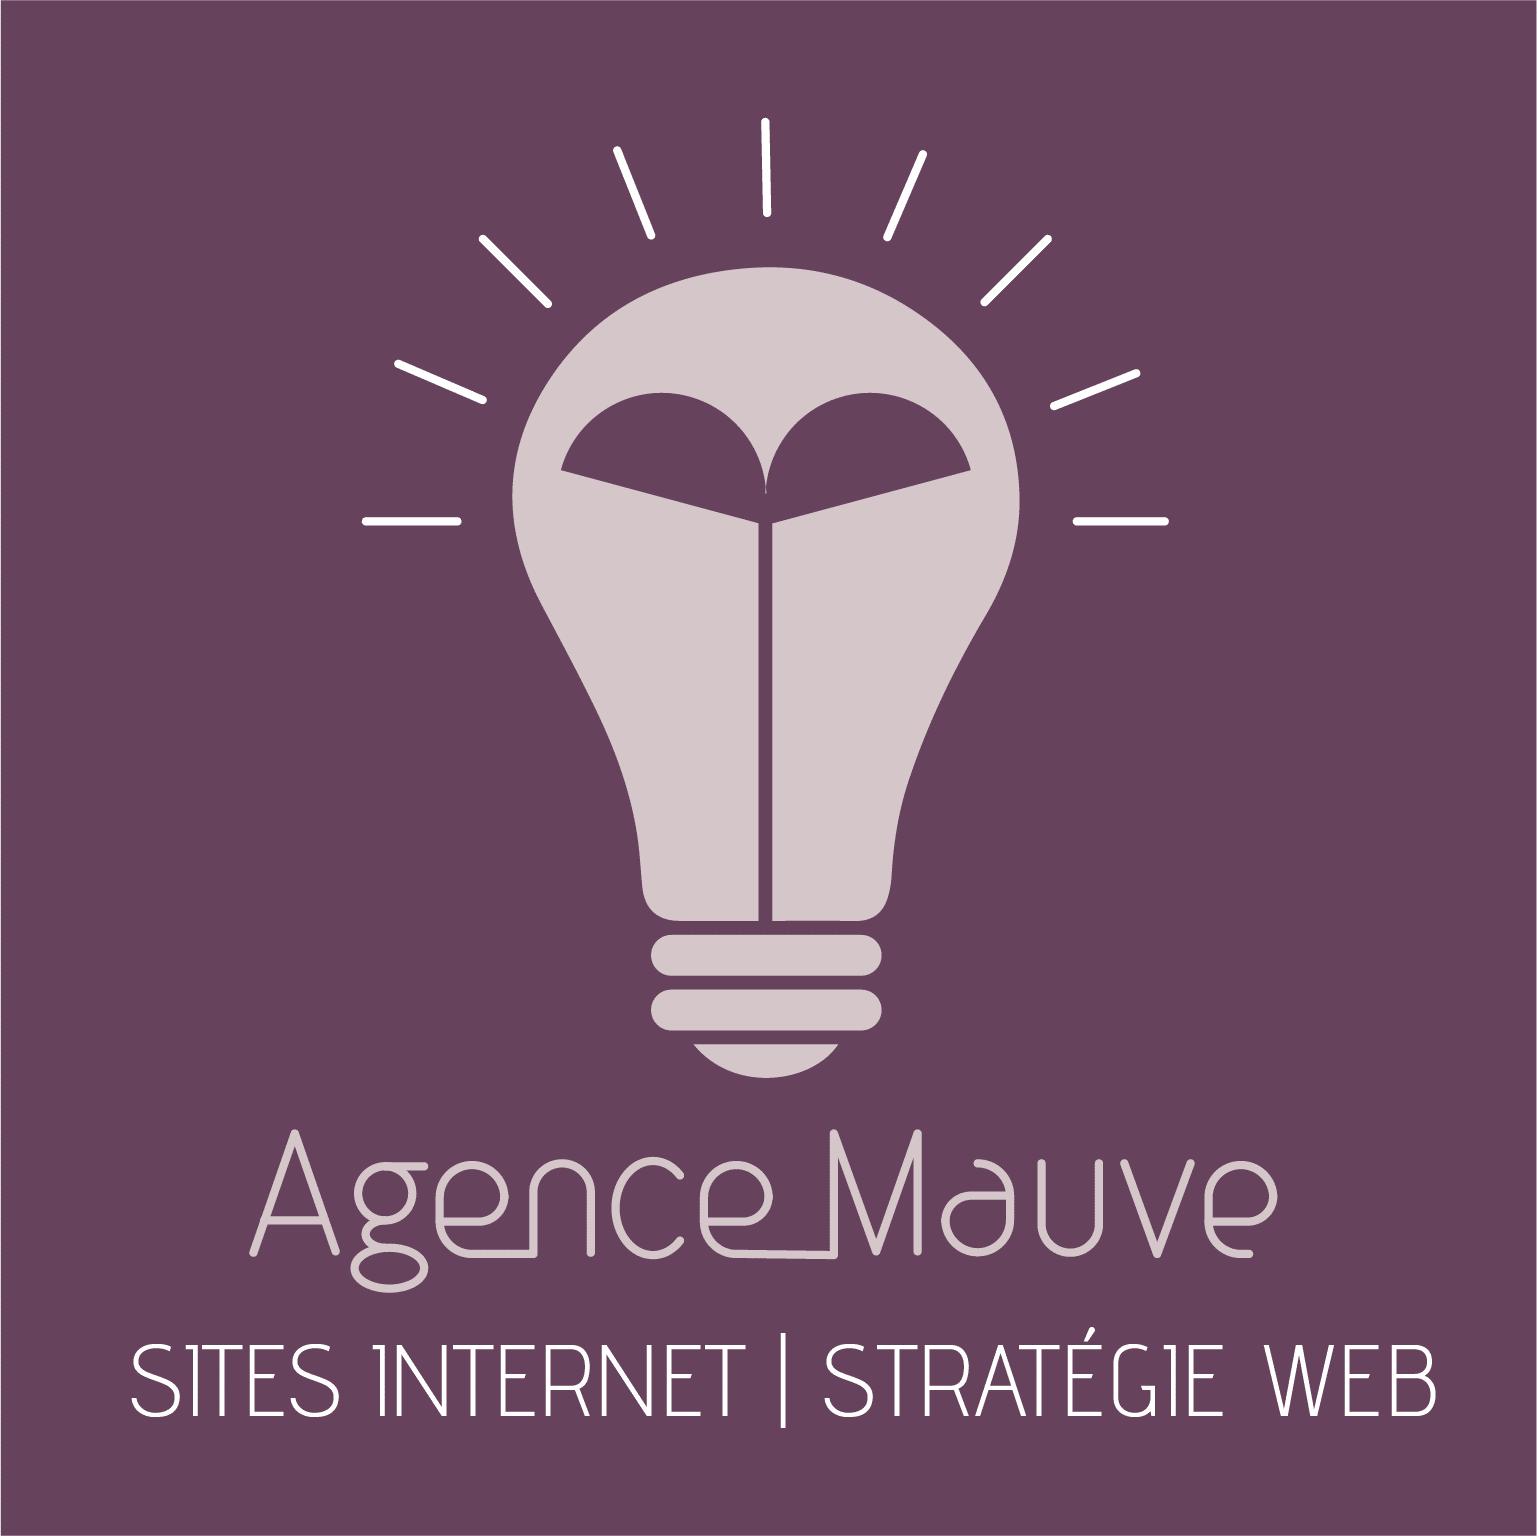 Agence Web Agence mauve